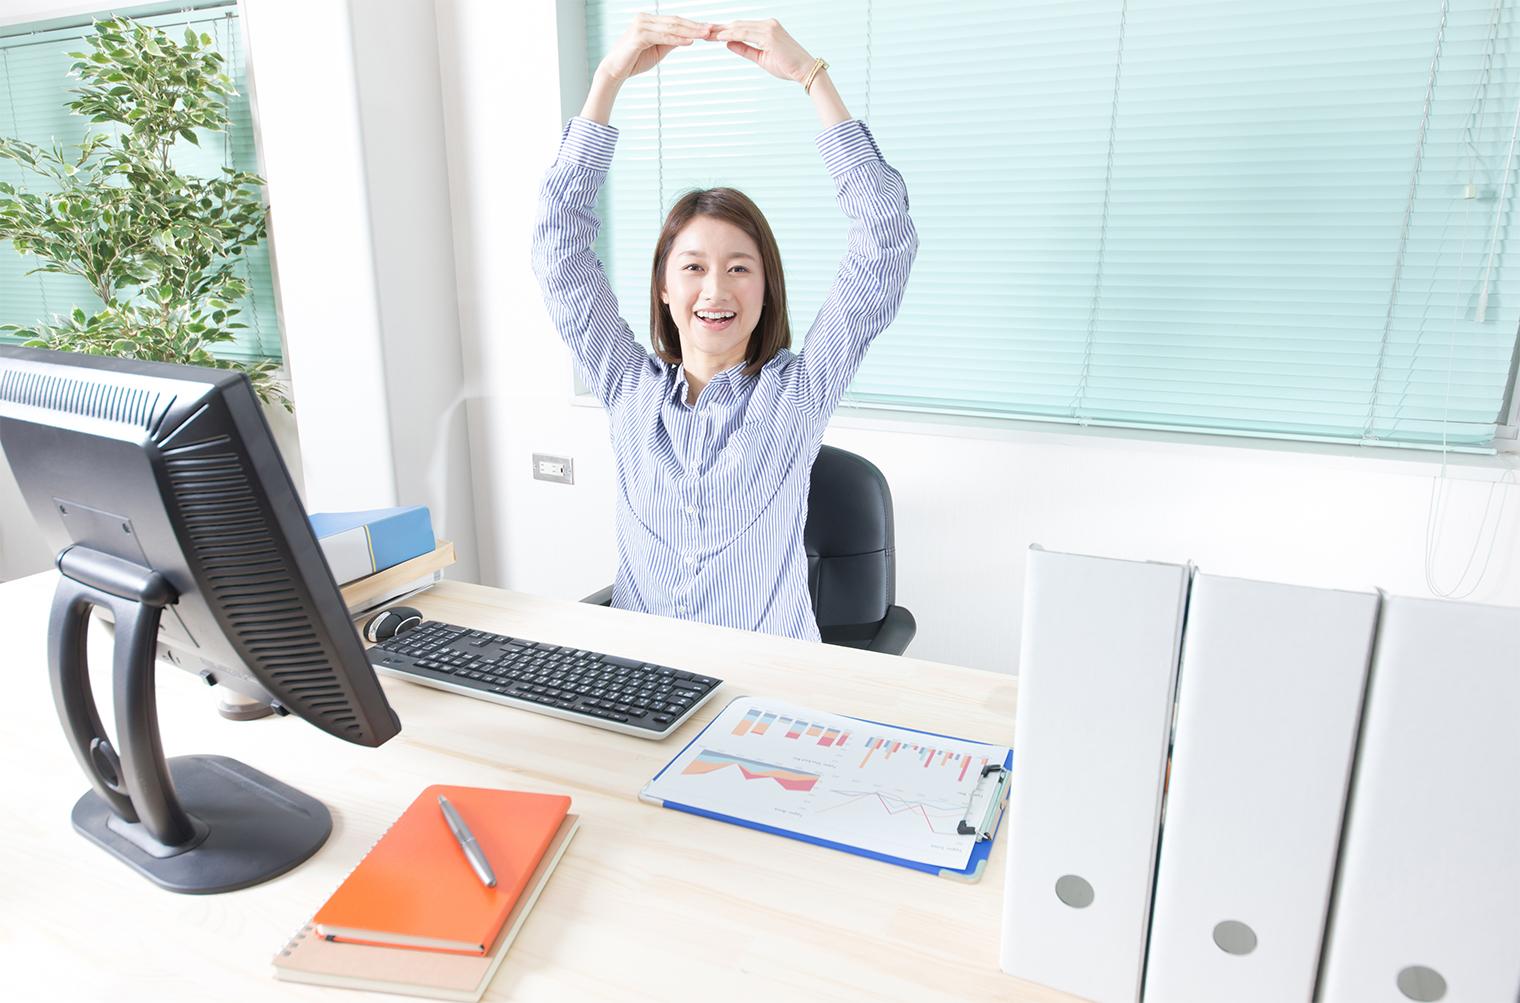 仕事ができる人の机がキレイってホント?デスクの整理整頓テクニック